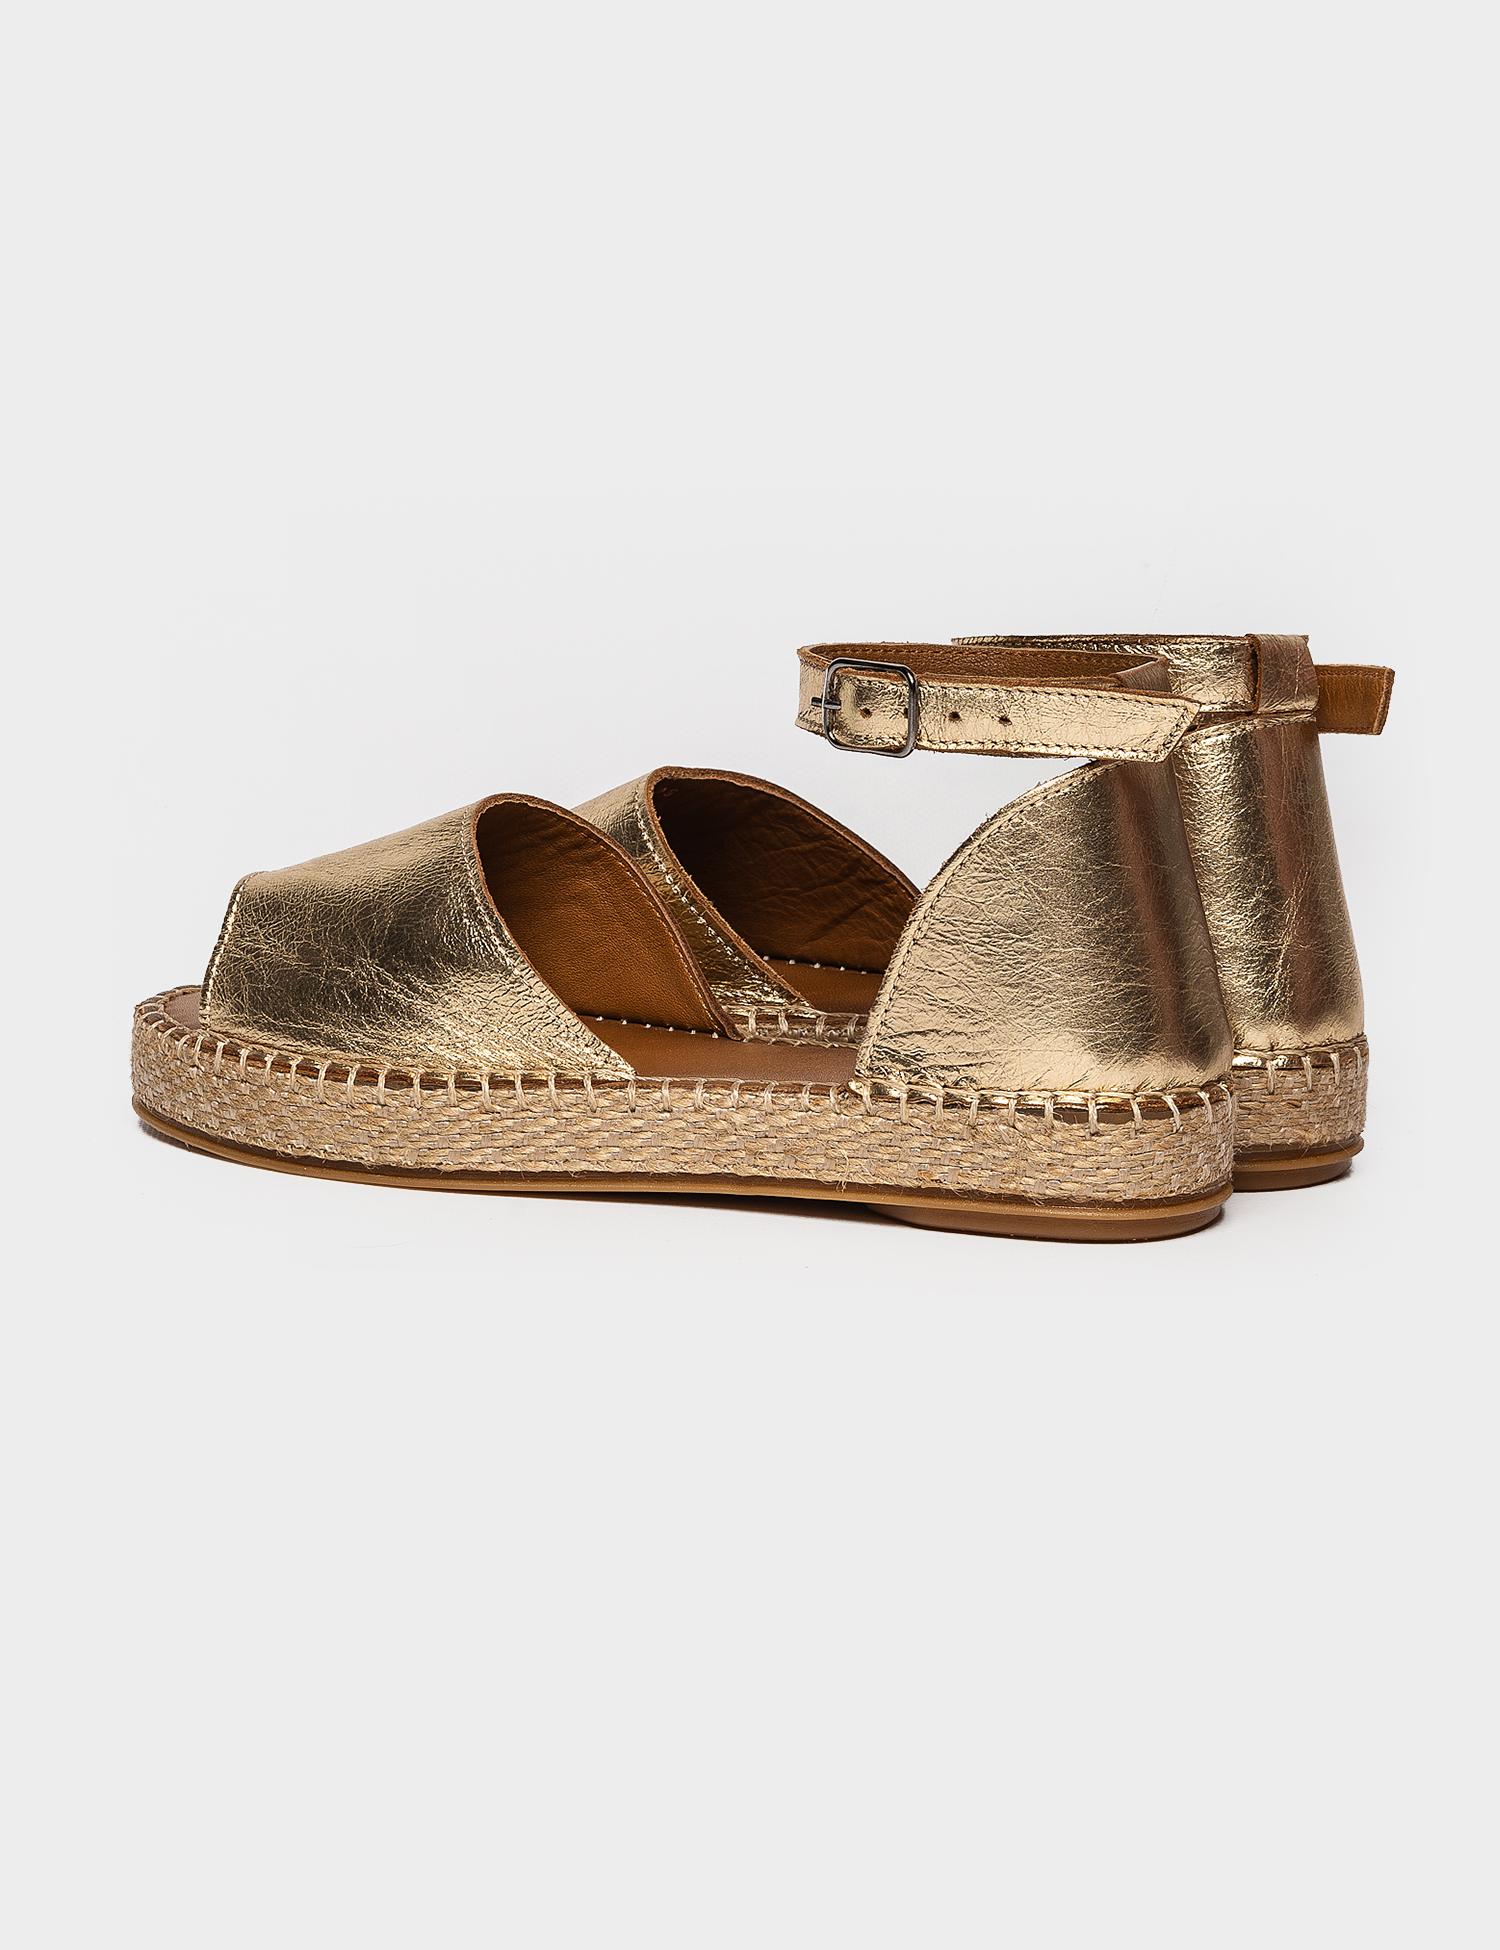 Сандалі  жіночі Сандали 609gold золотая кожа 609gold брендове взуття, 2017